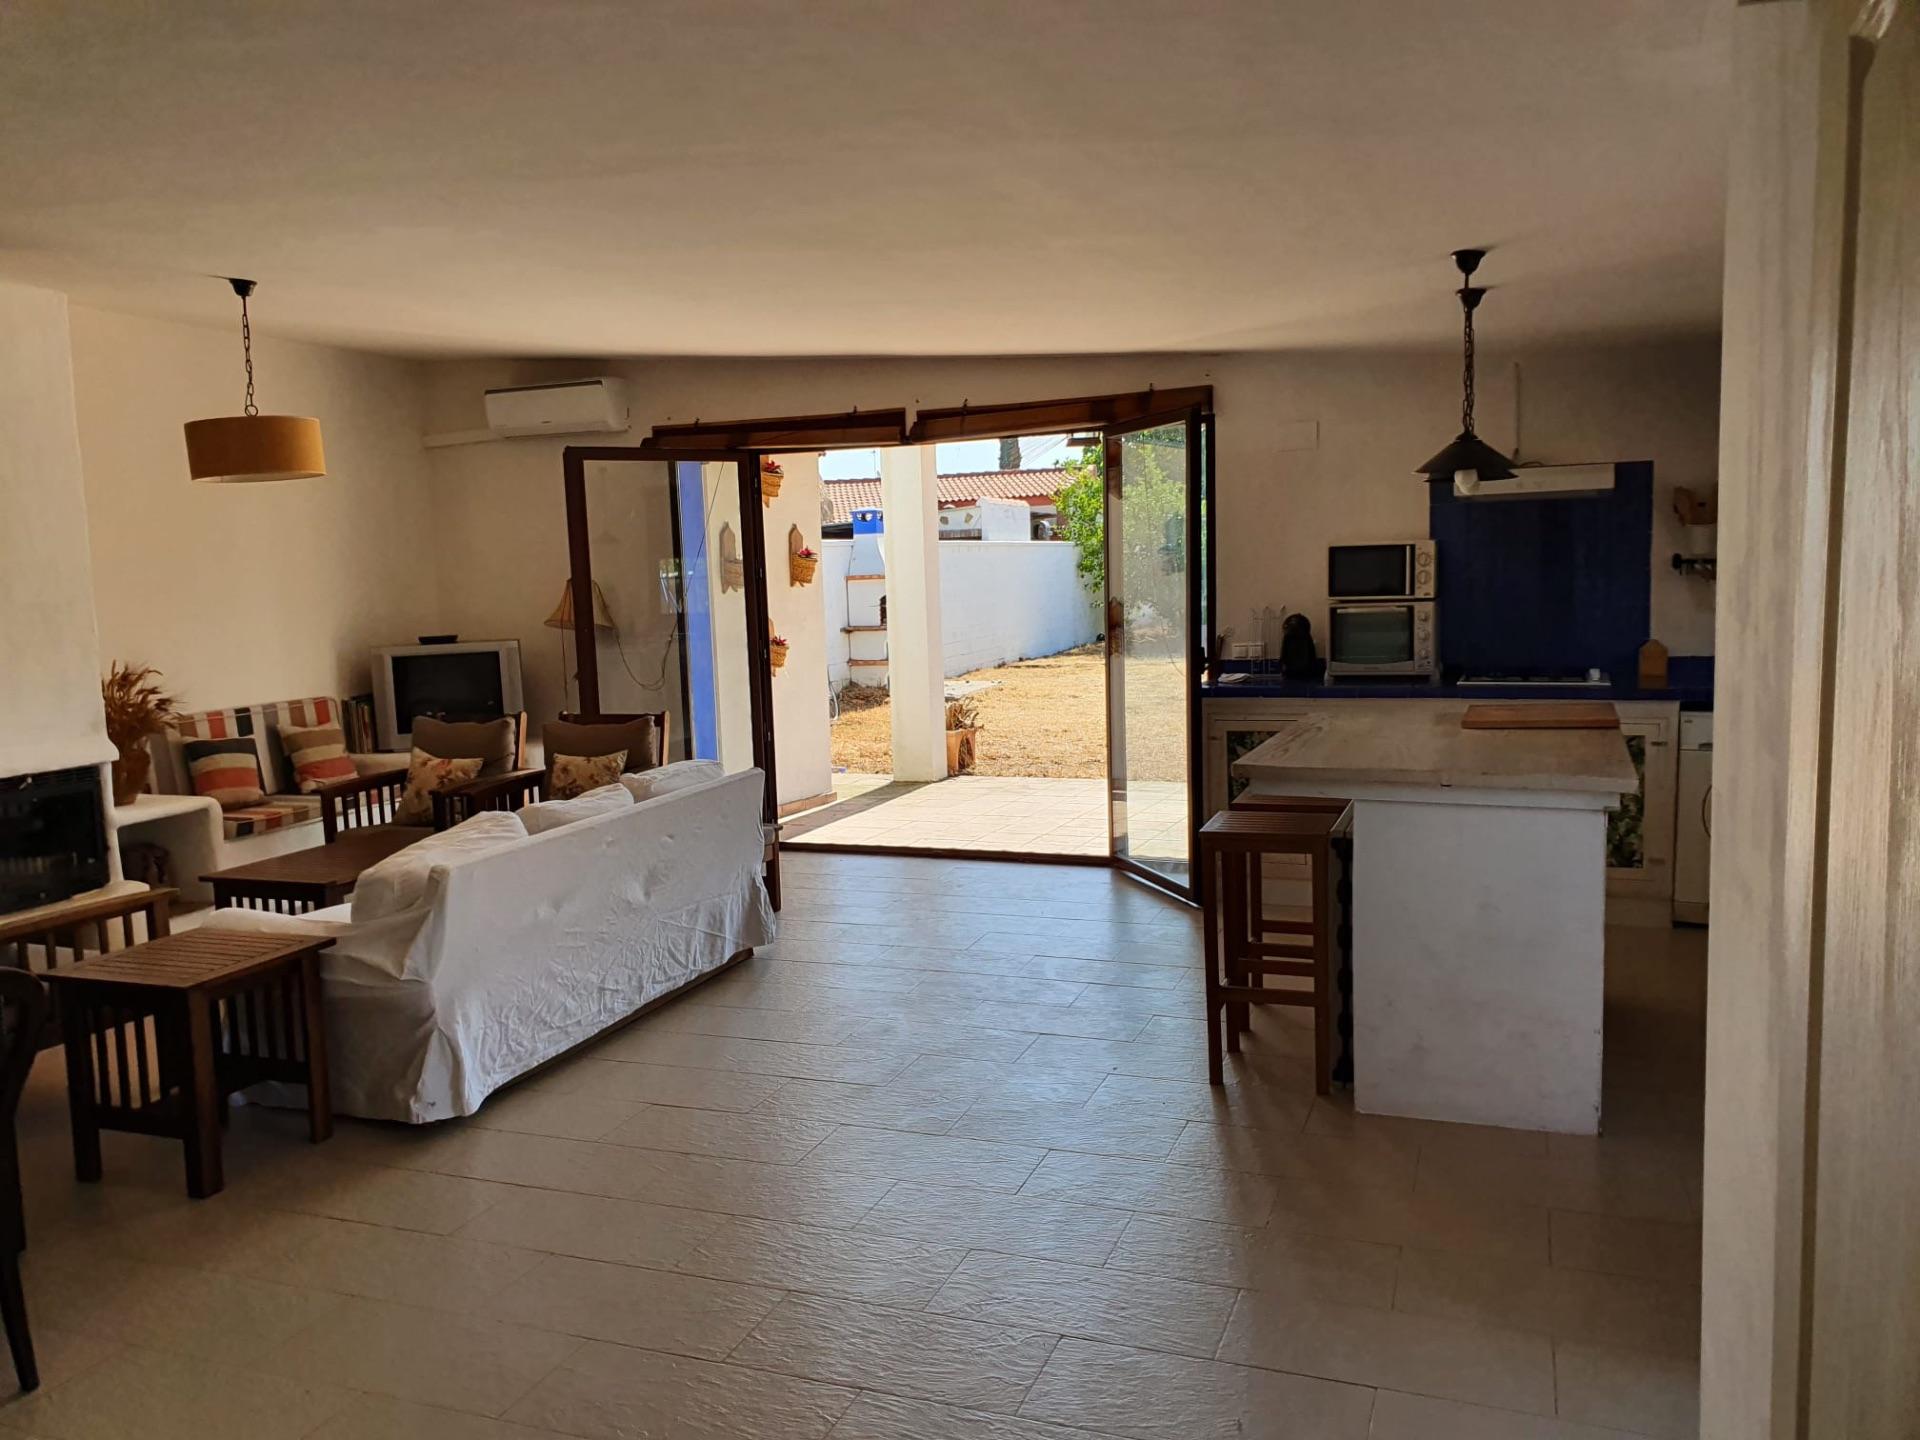 Casa / Chalet en Cordoba, PARCELAS - CASAS RURALES - CASA DE CAMPO, venta